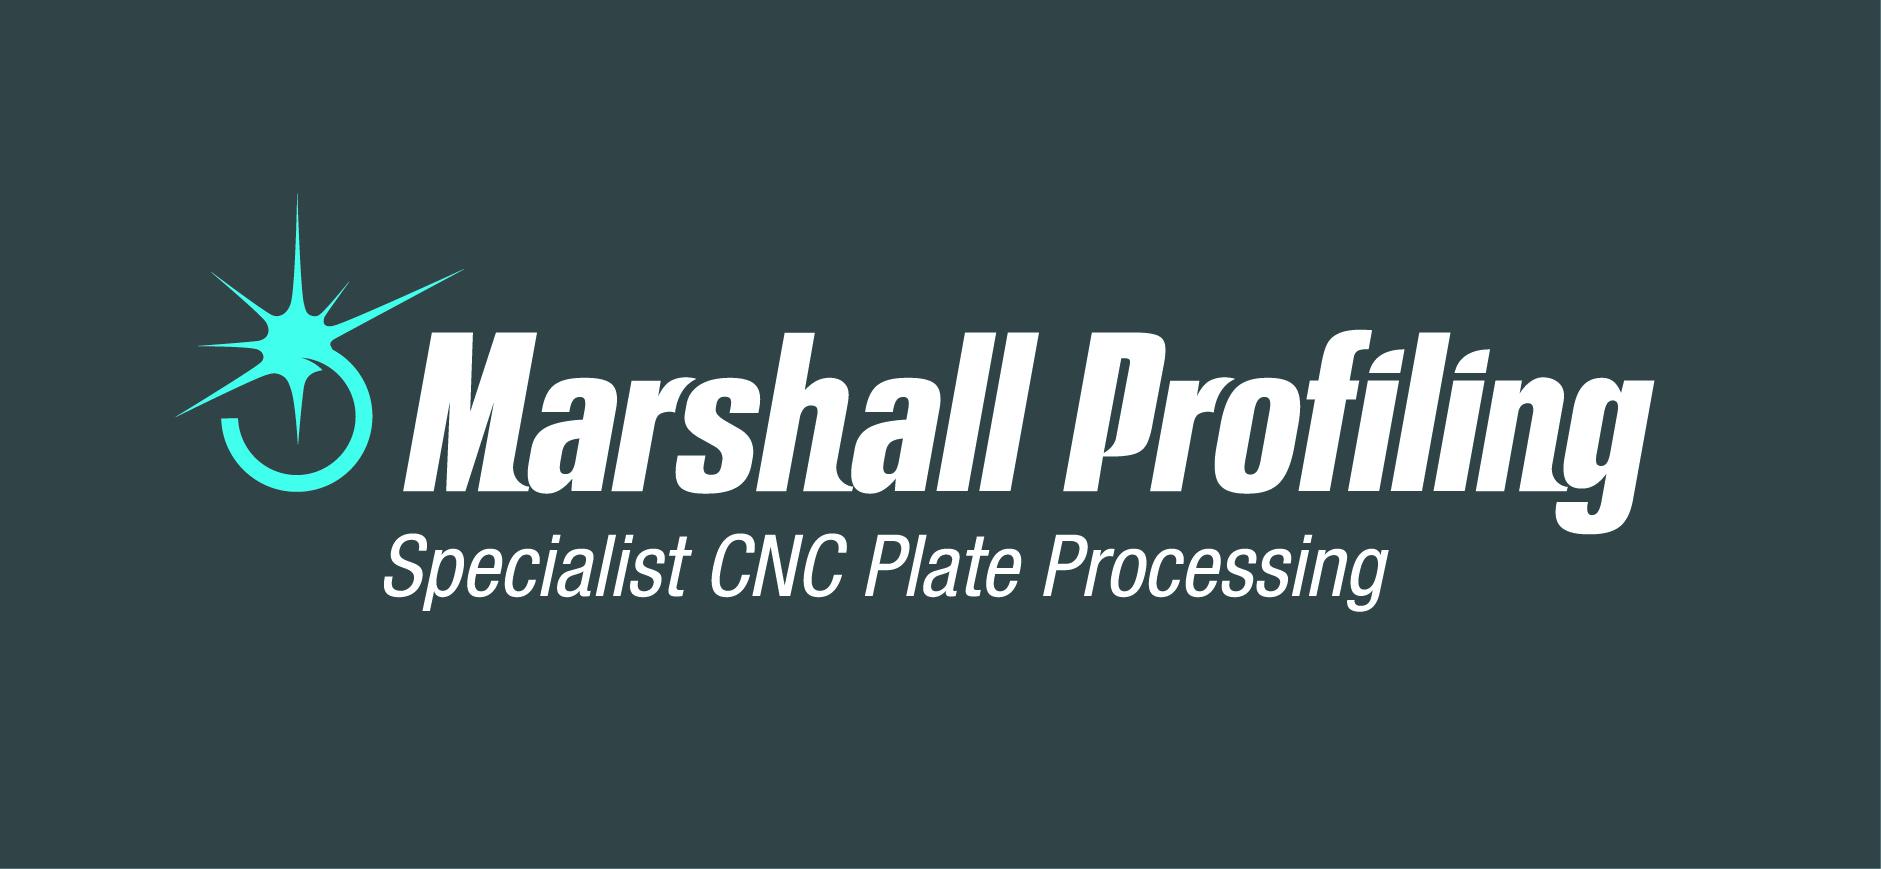 http://marshallprofiling.co.nz/wp-content/uploads/2016/07/Marshall-Profiling-reverse-CMYK-v1.jpg